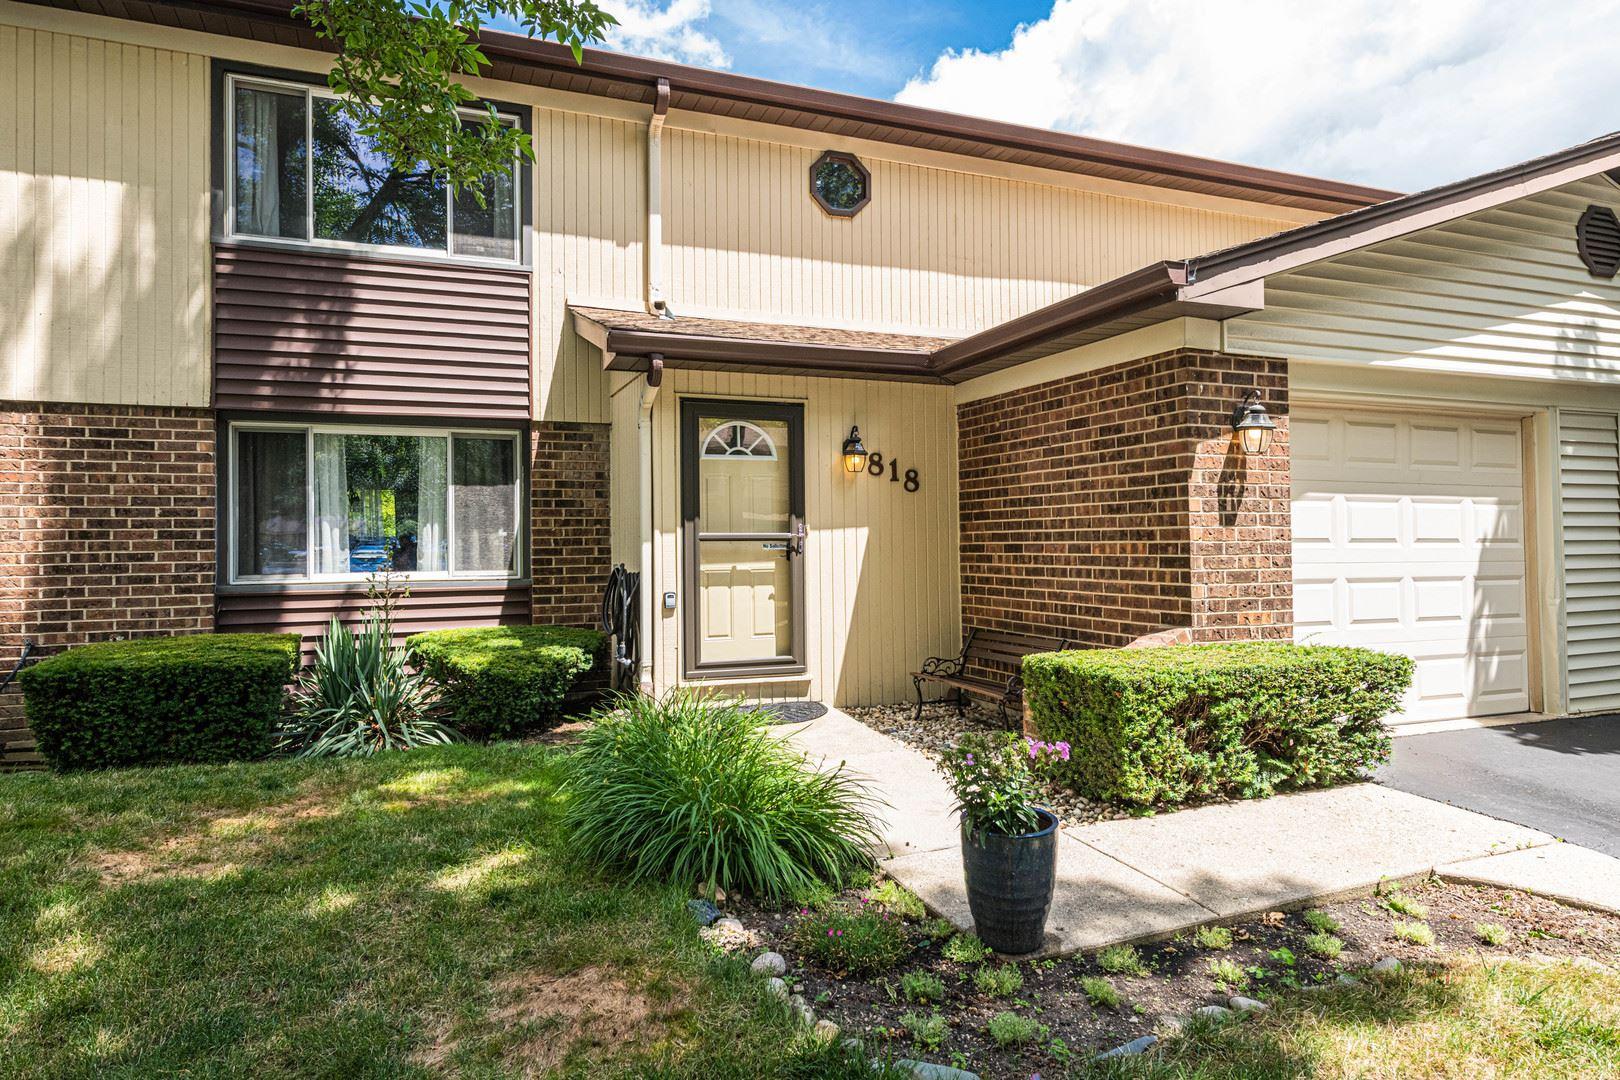 818 W Partridge Lane, Mount Prospect, IL 60056 - #: 10781243